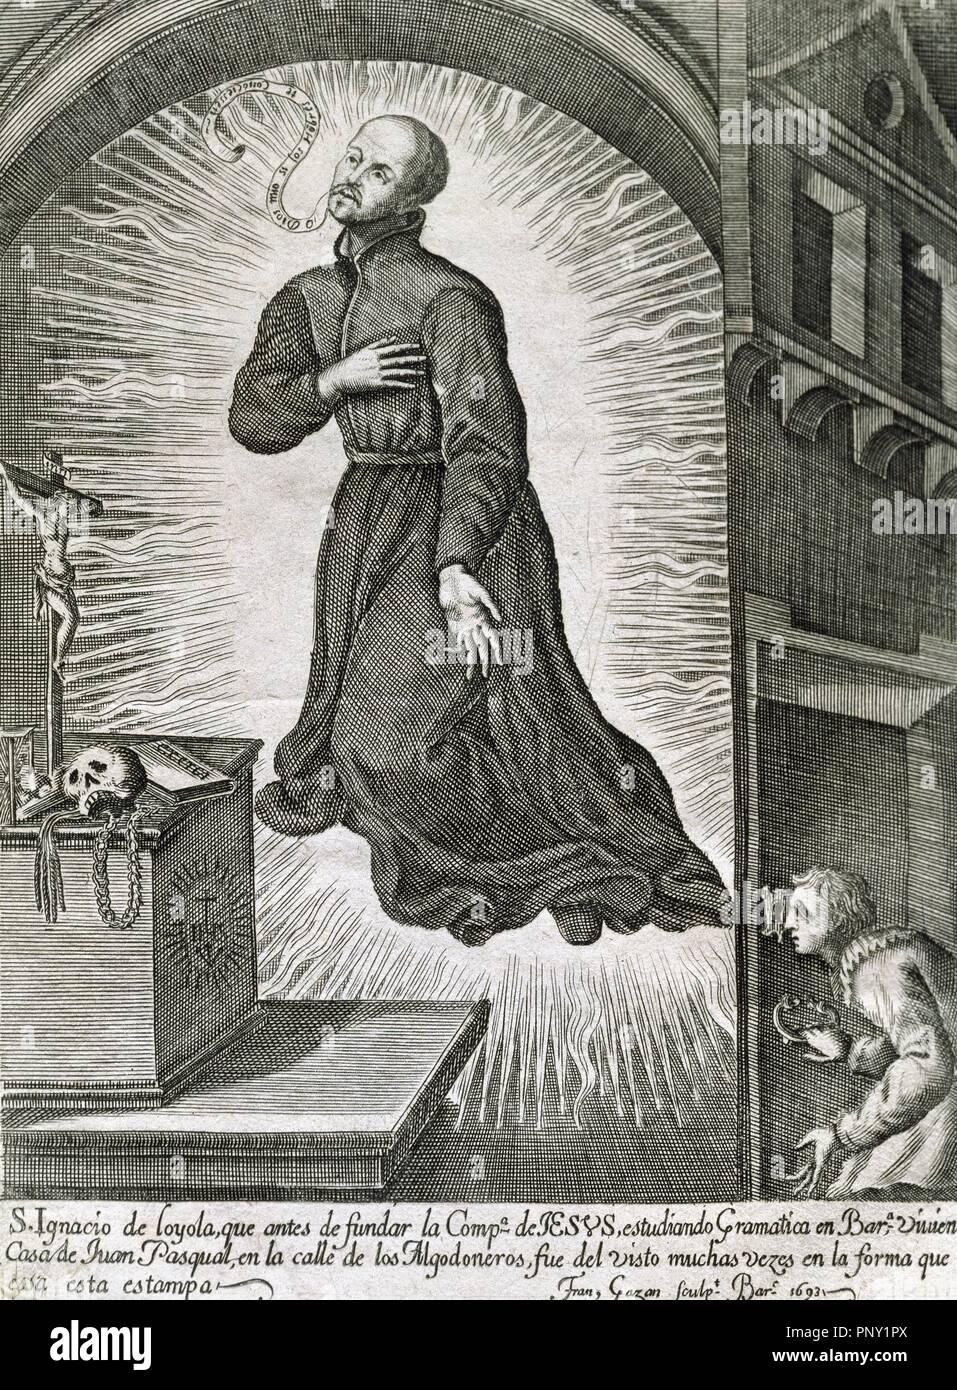 """IGNACIO DE LOYOLA, San (Iñigo López de Loyola). (Loyola-Azpeitia, 1491-Roma, 1556). Fundador de la Compañía de Jesús (1537). Fue canonizado en 1622. """"SAN IGNACIO LEVITANDO"""". Grabado del año 1693. Stock Photo"""